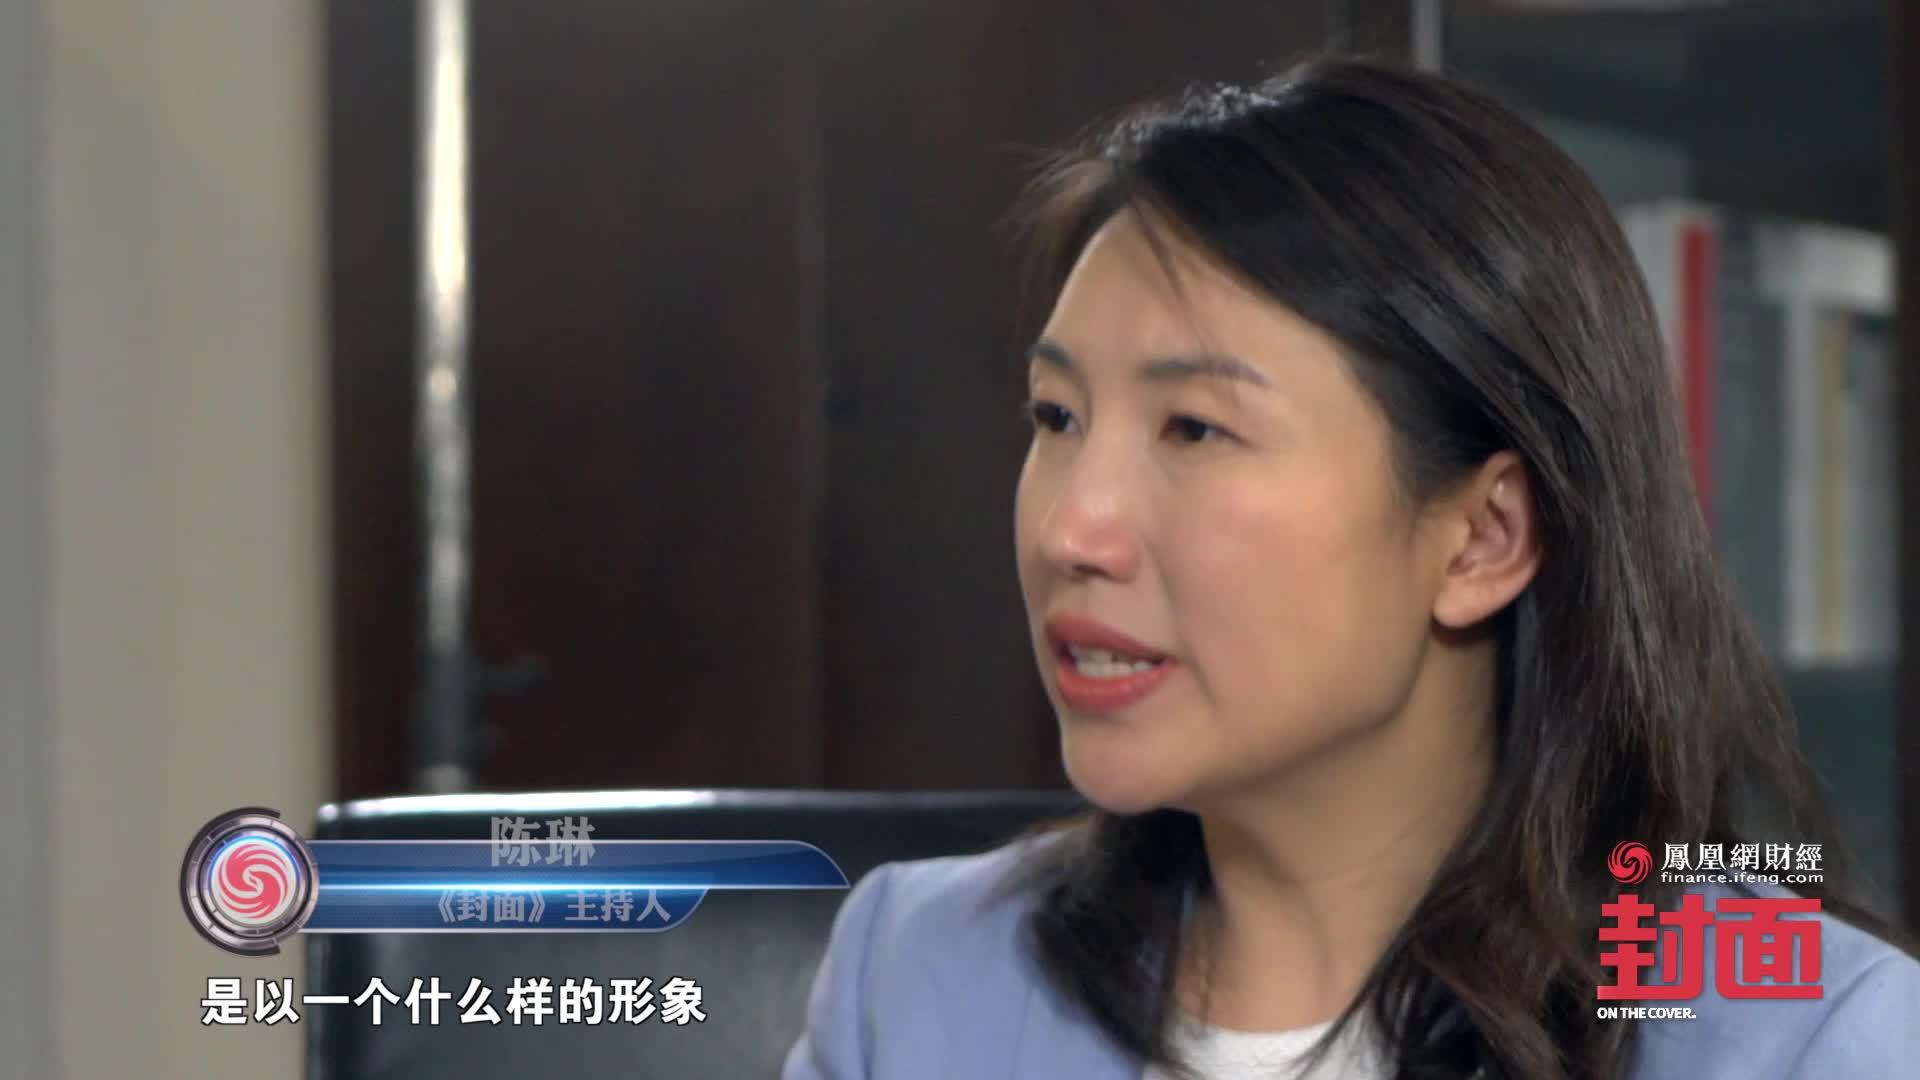 宗庆后:中国人一年人均消费120公斤饮料